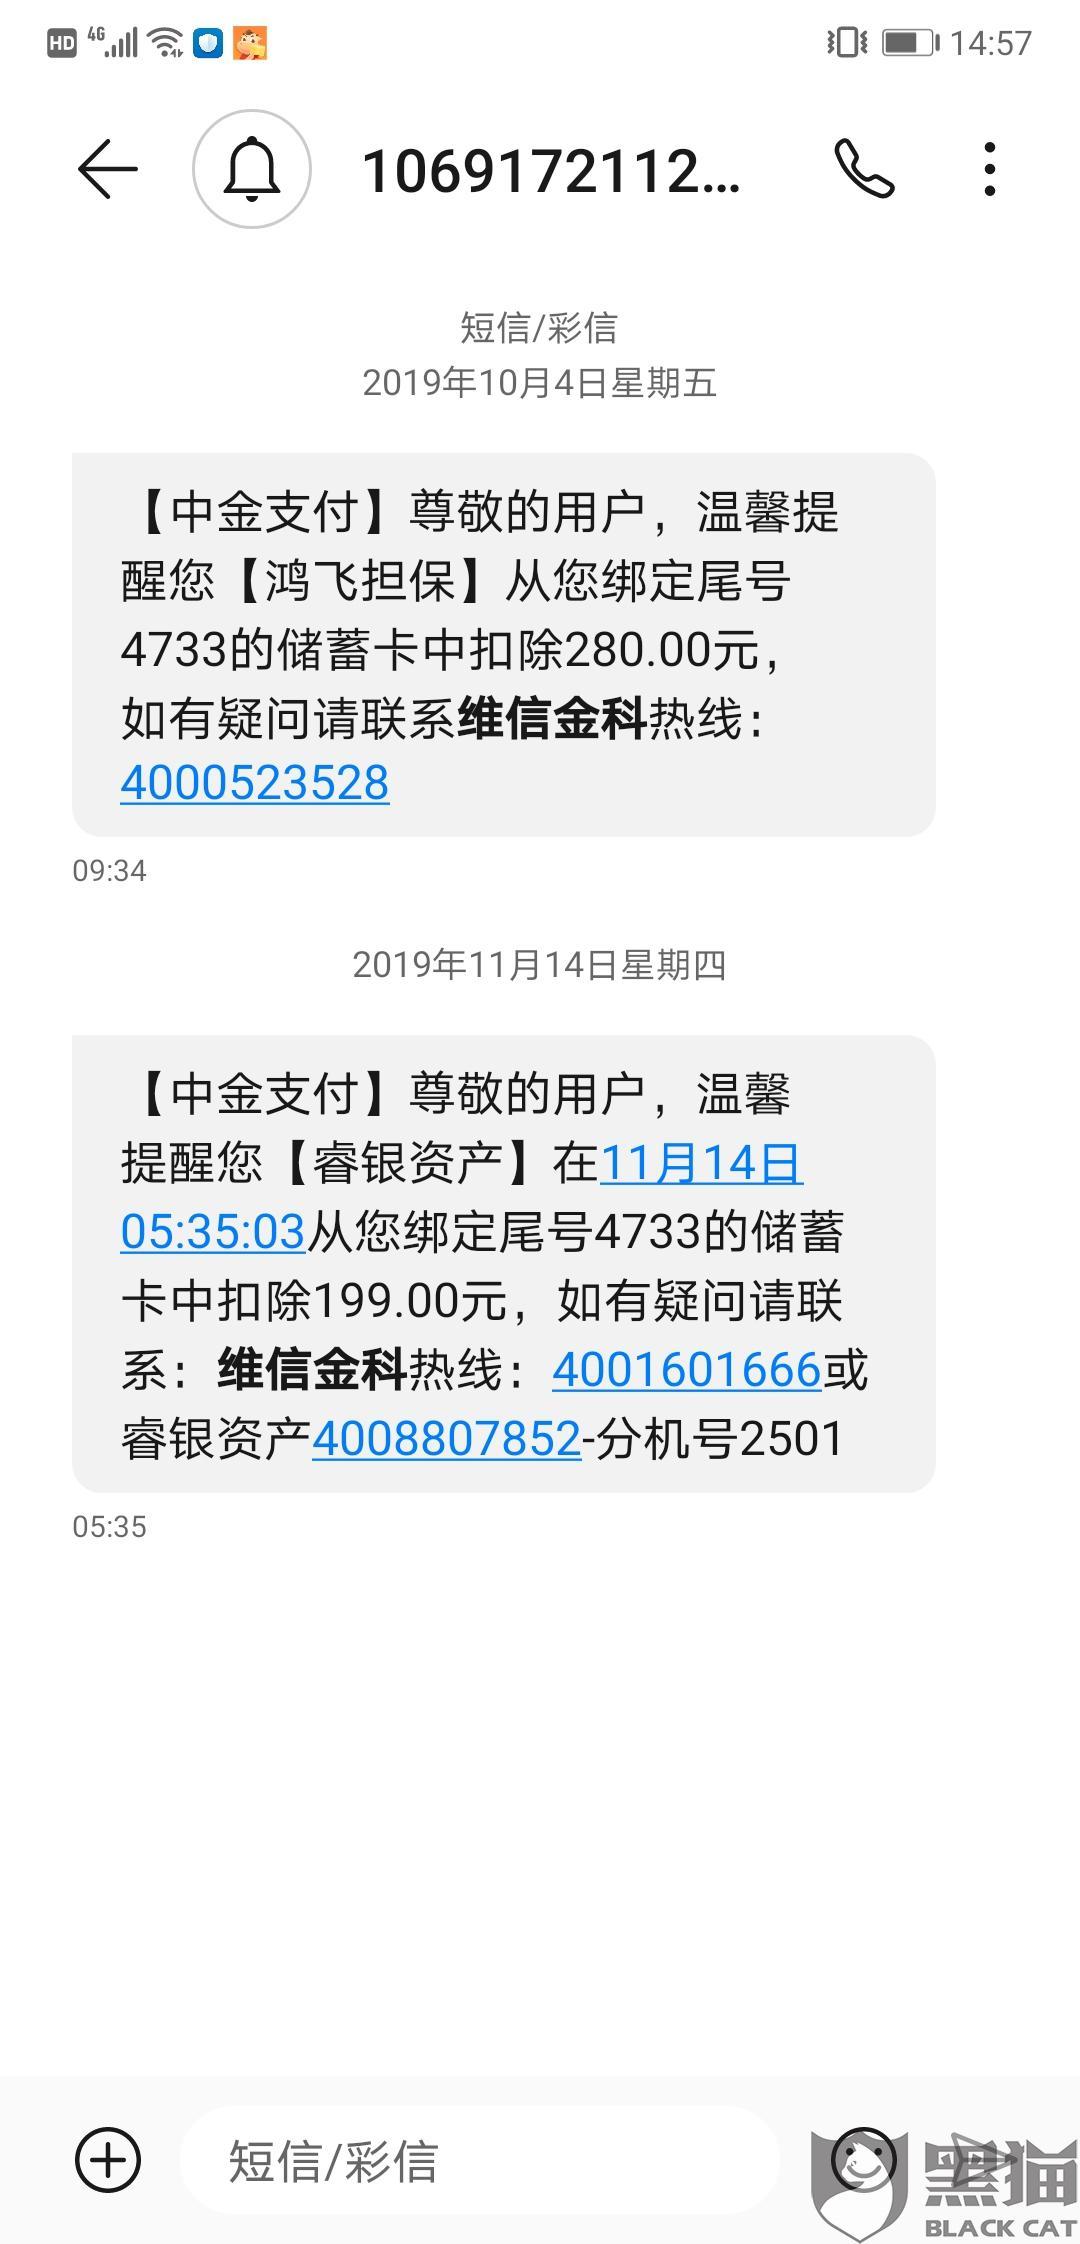 黑猫投诉:维信金科连续私自扣款10笔